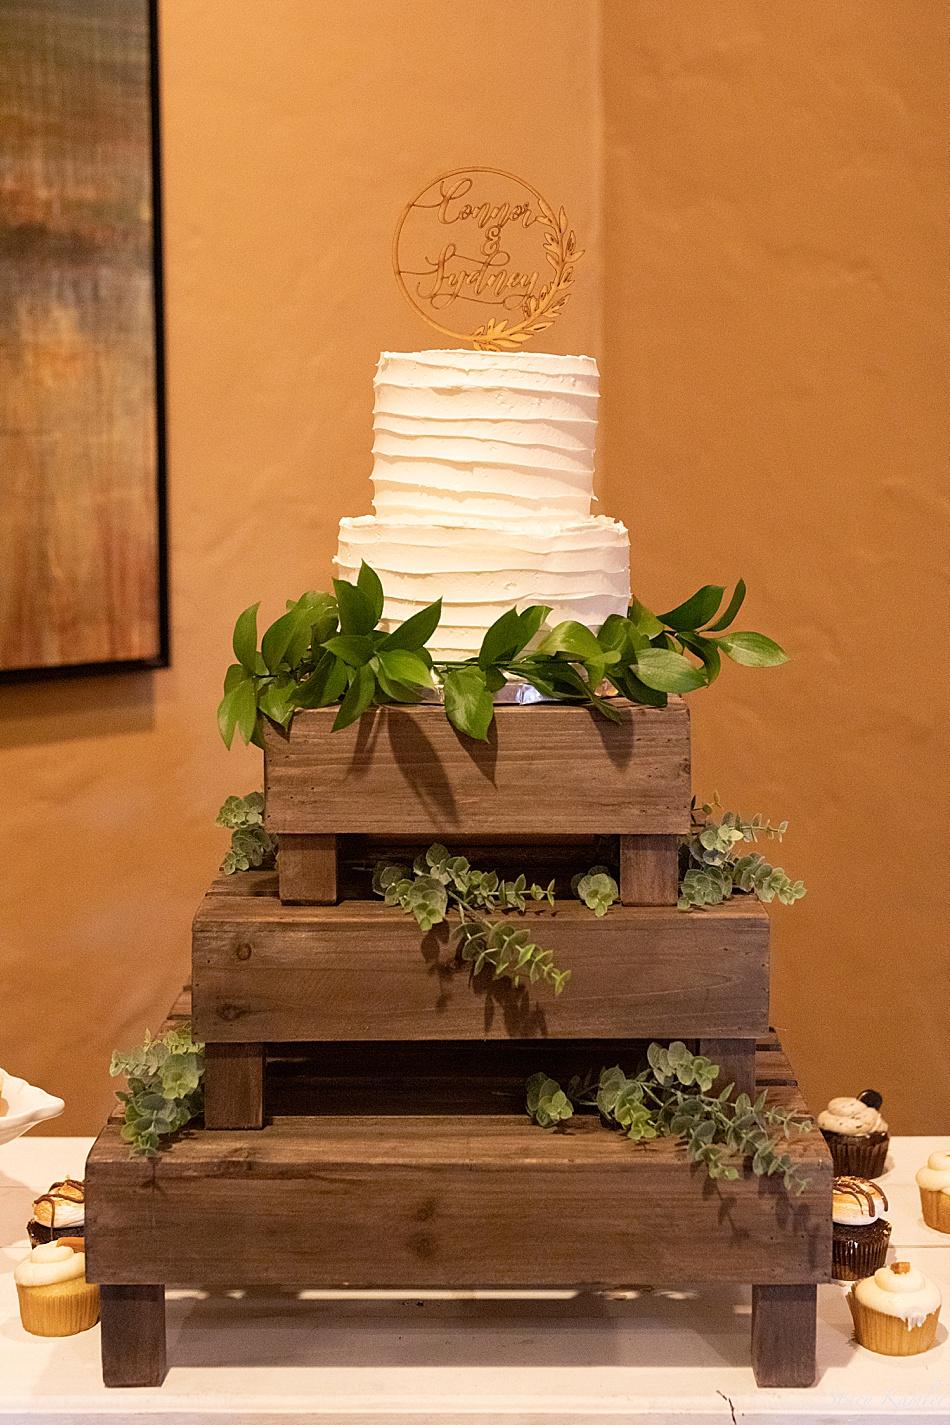 Cake from LeCupcake